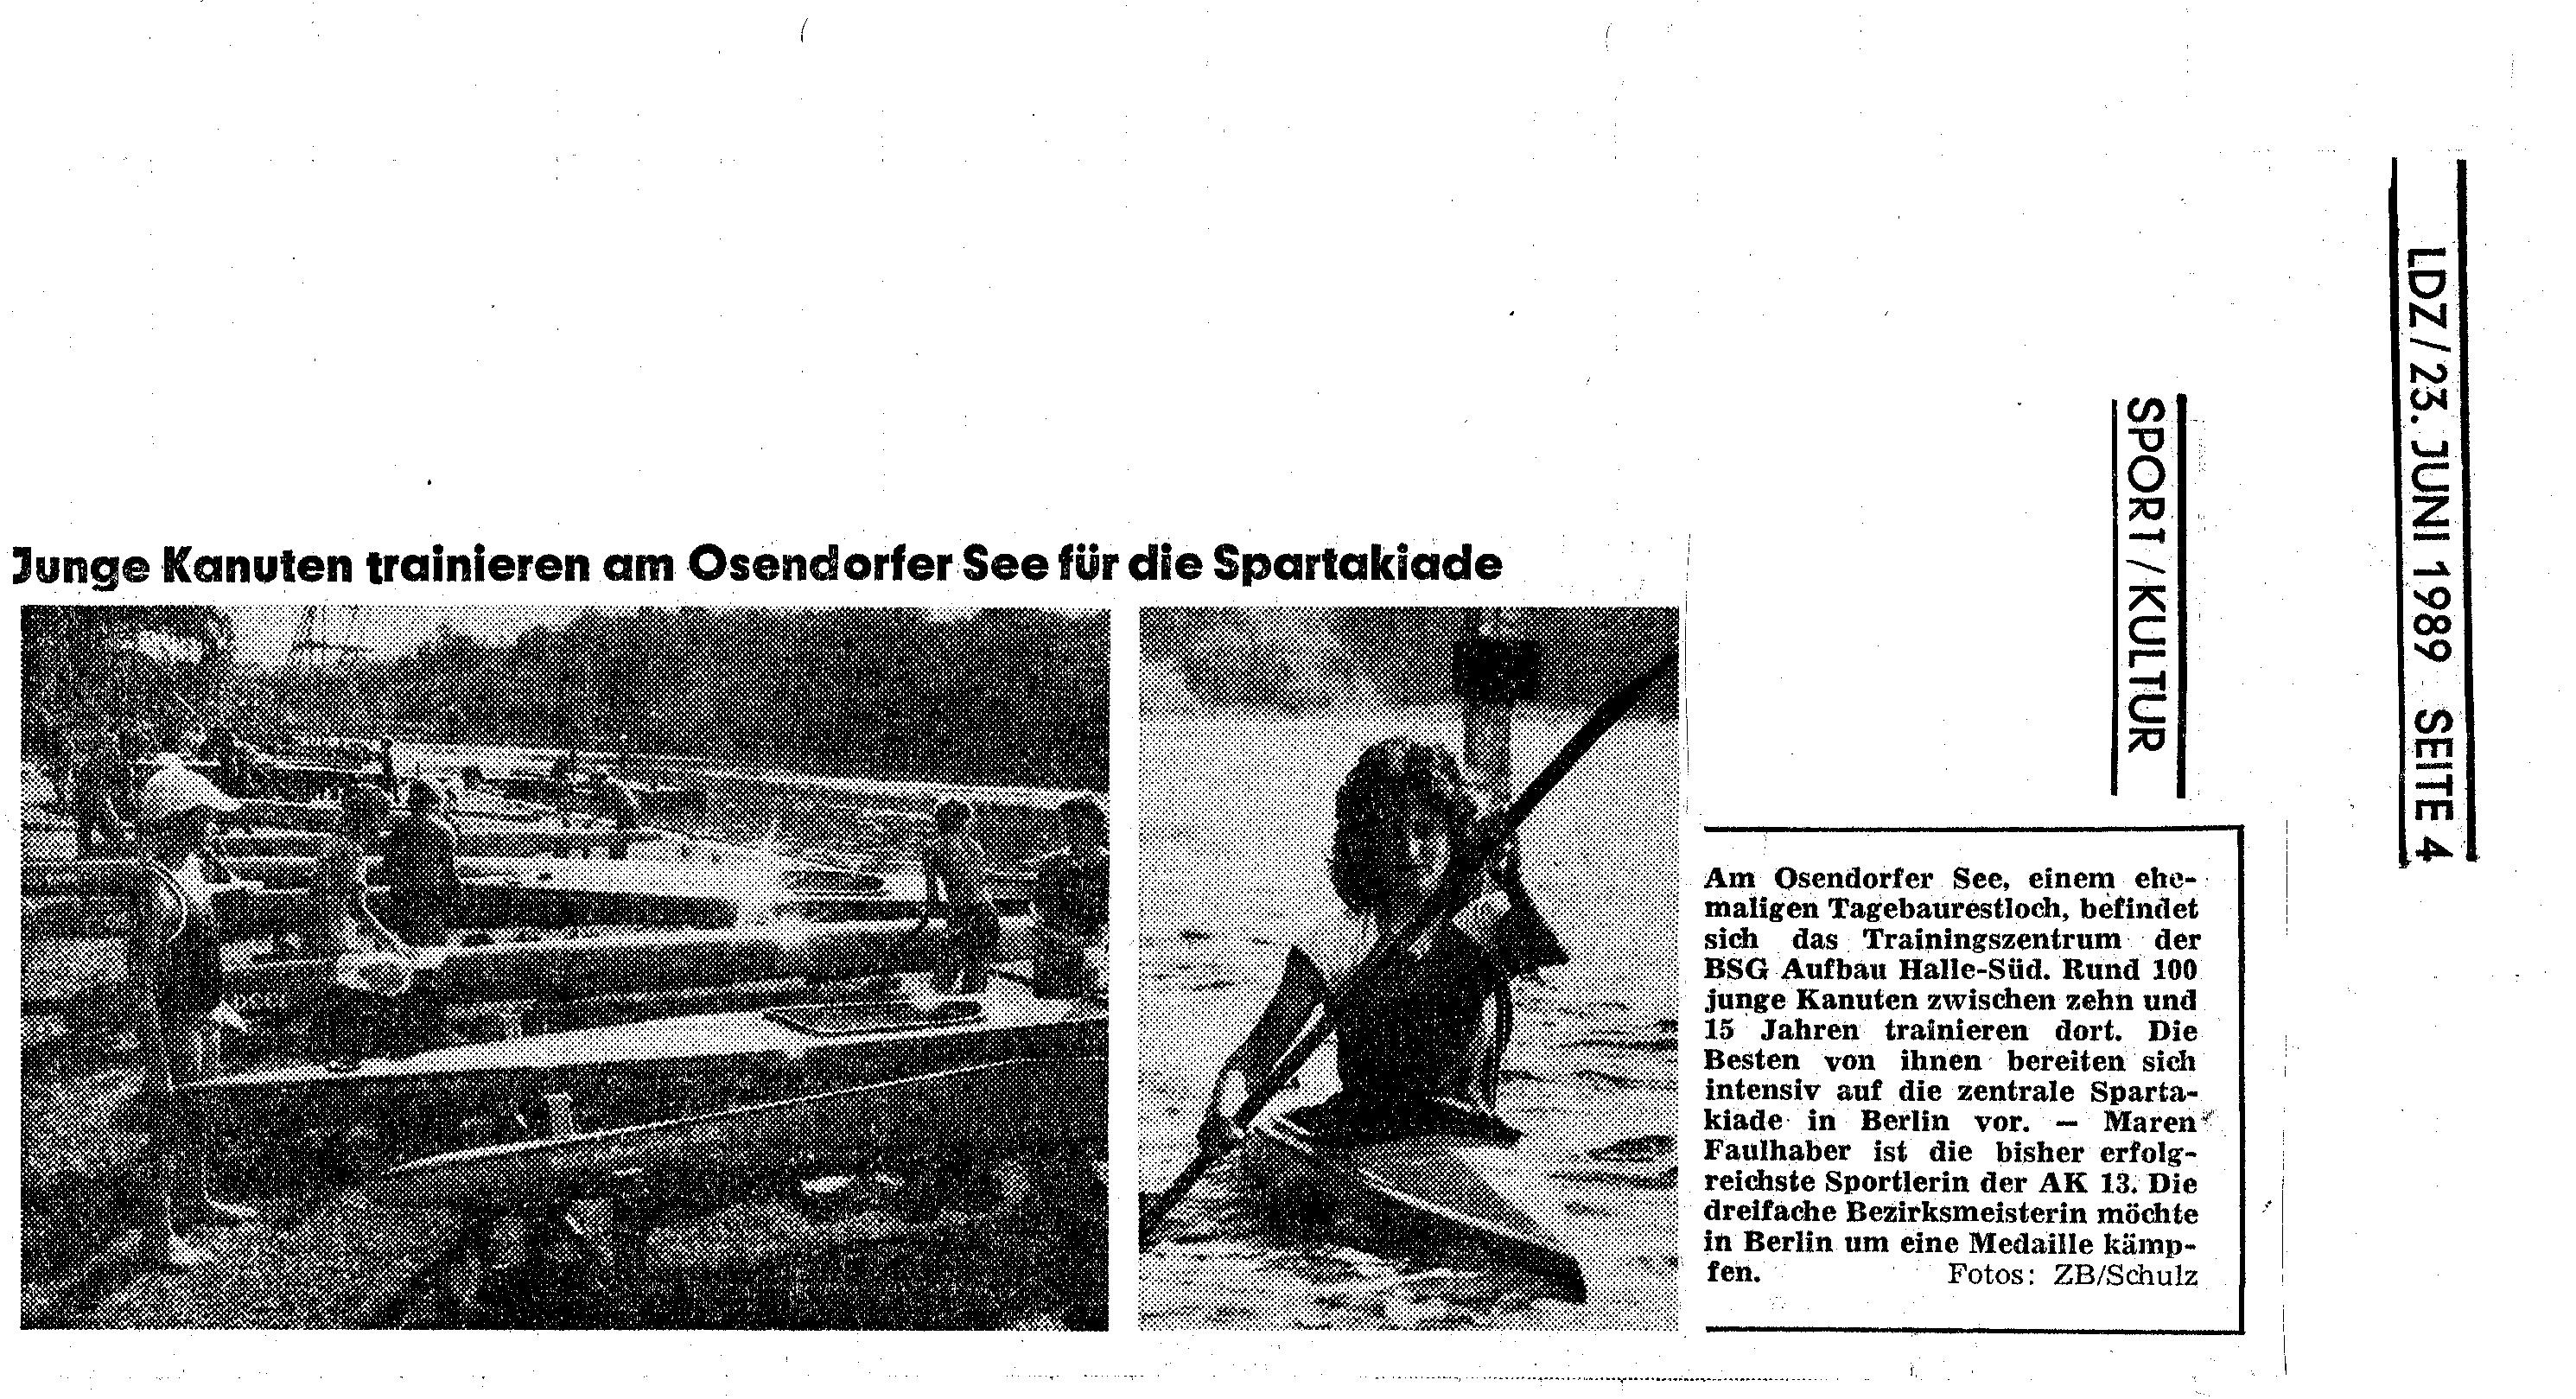 1989-06-23 Junge Kanuten trainieren am Osendorfer See für die Spartakiade